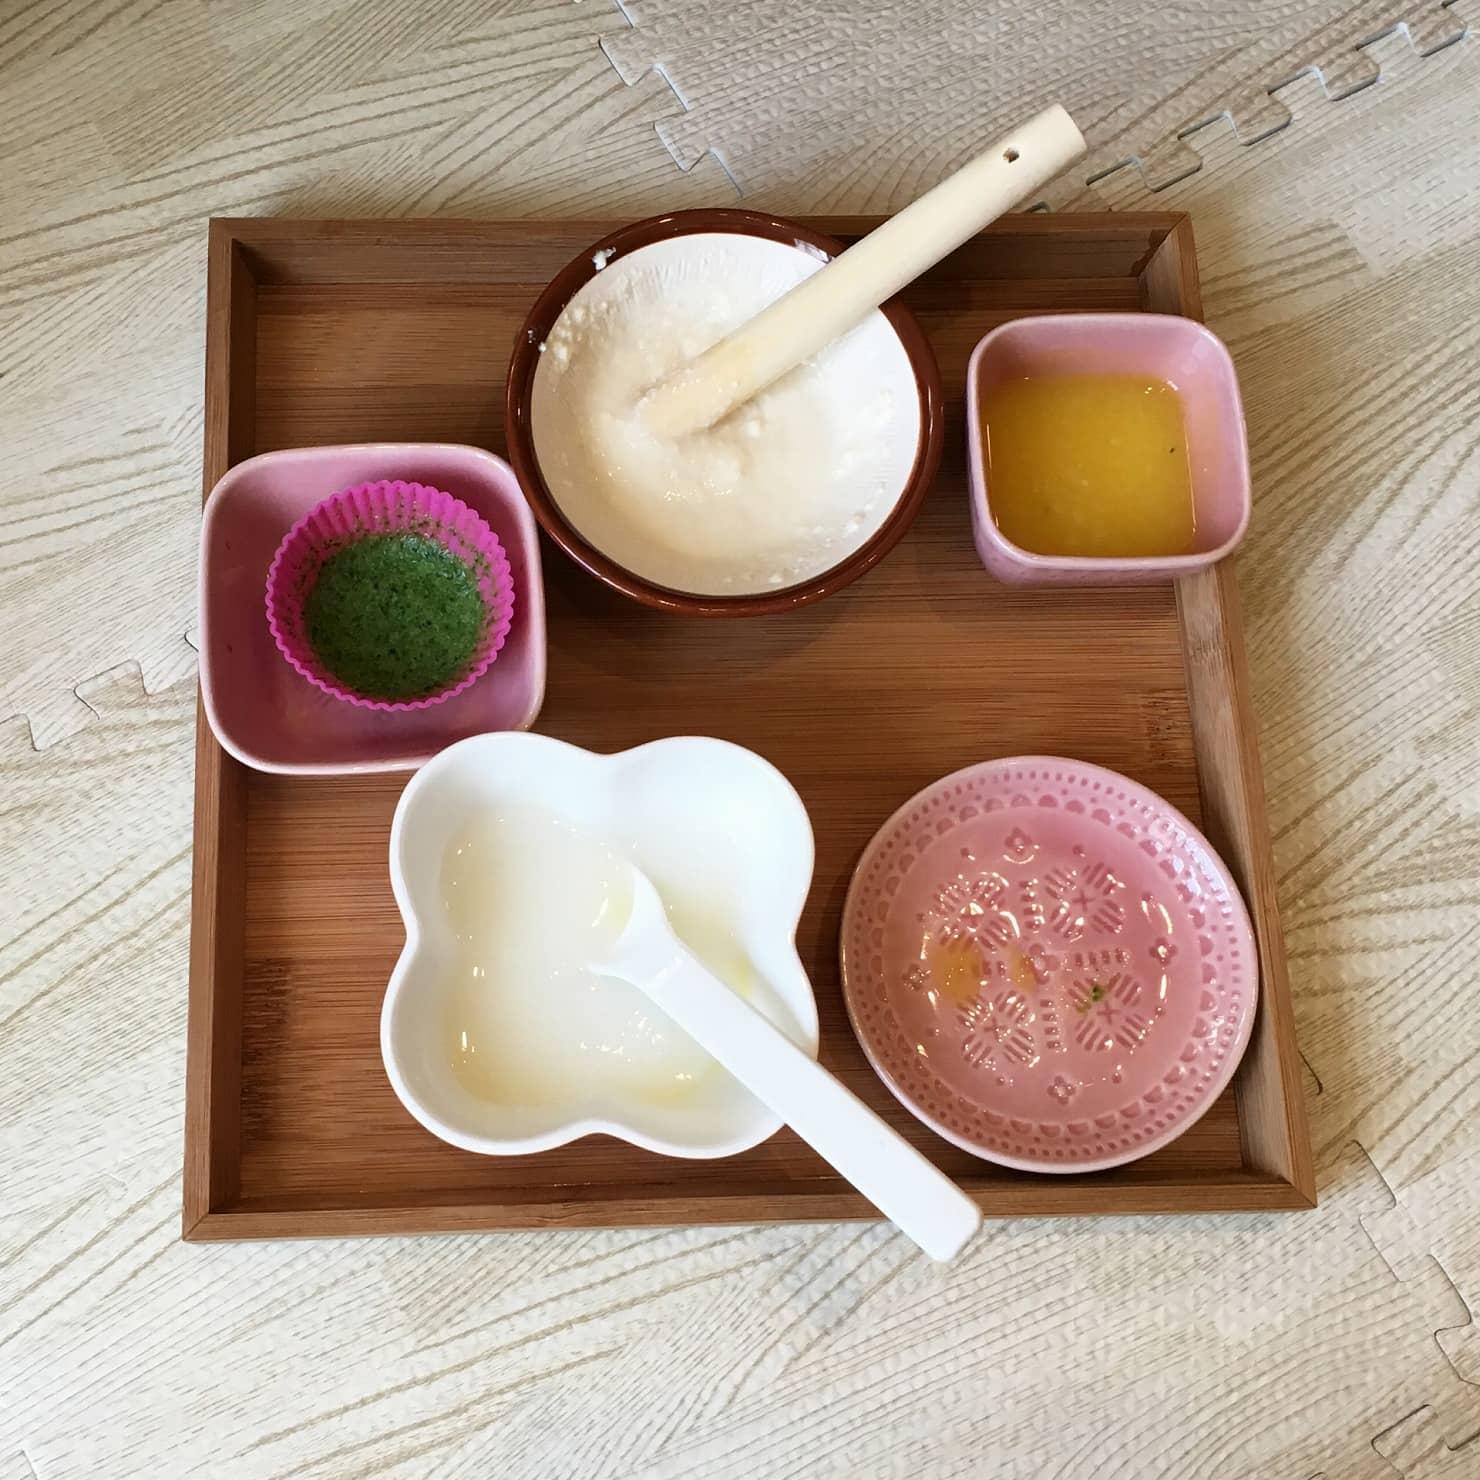 離乳食作りにおすすめなブレンダー10選! 買うべき? 選び方は?